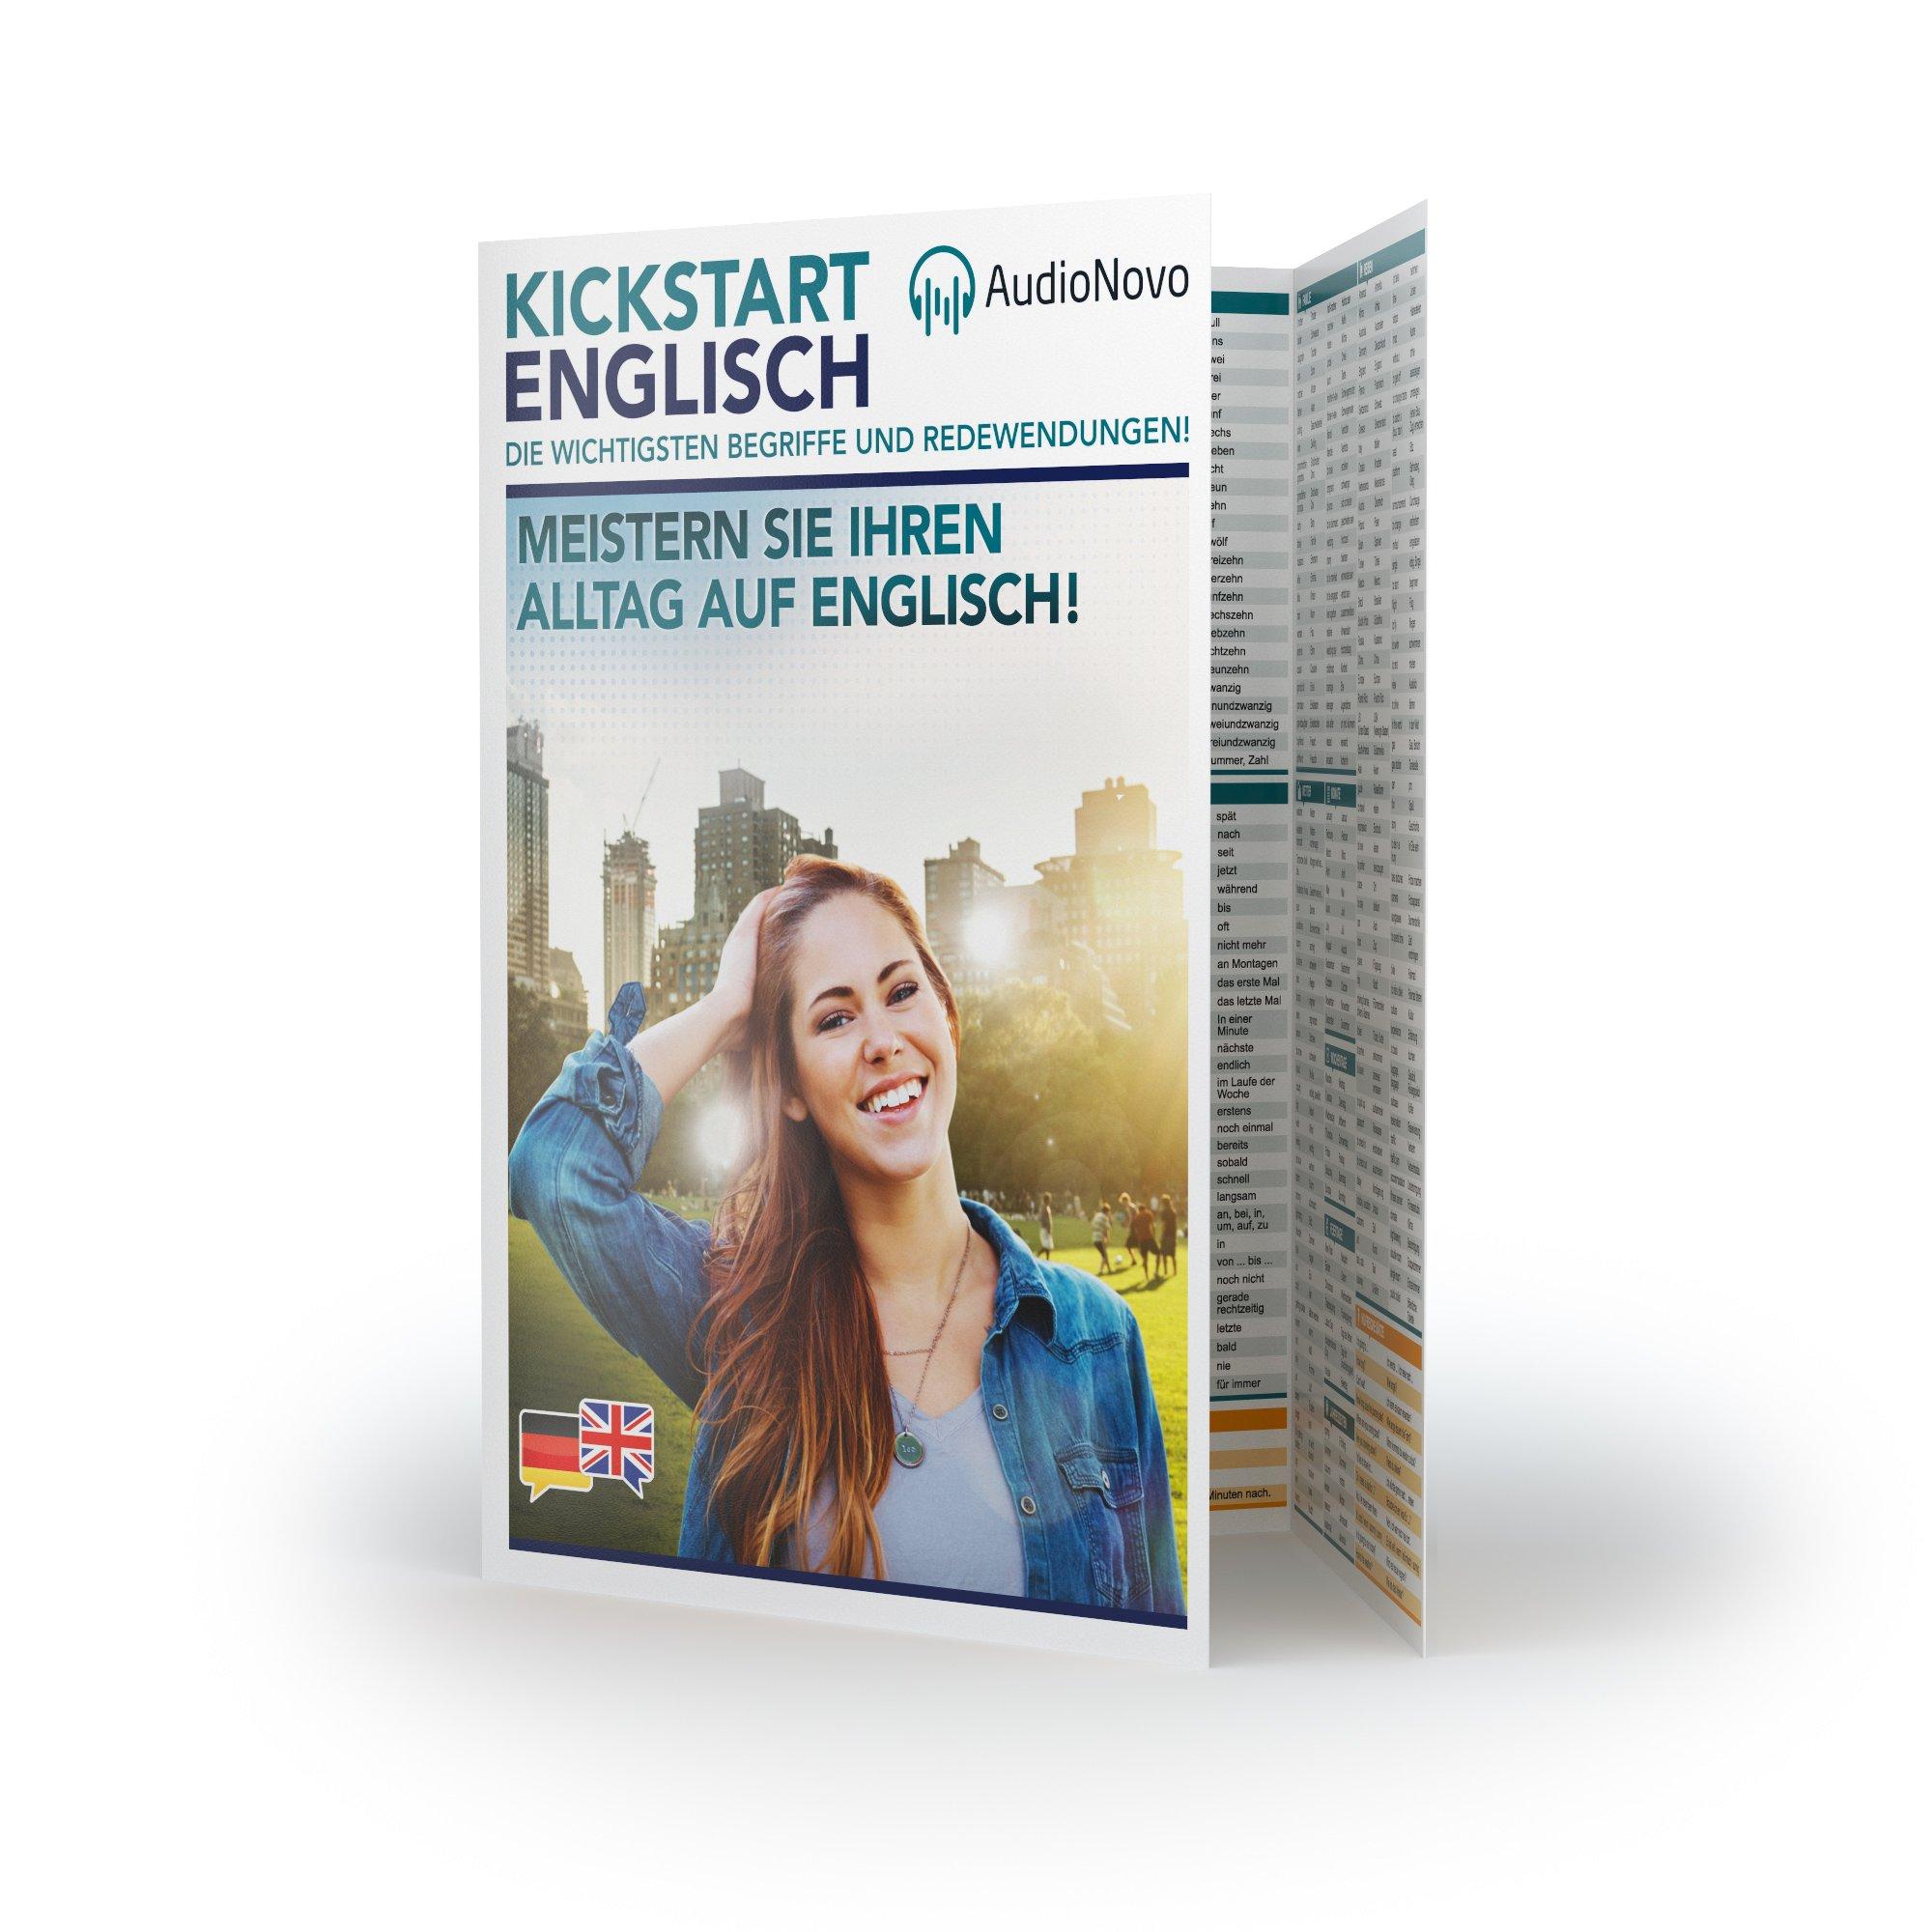 Kickstart Englisch Die Wichtigsten Vokabeln Auf Englisch